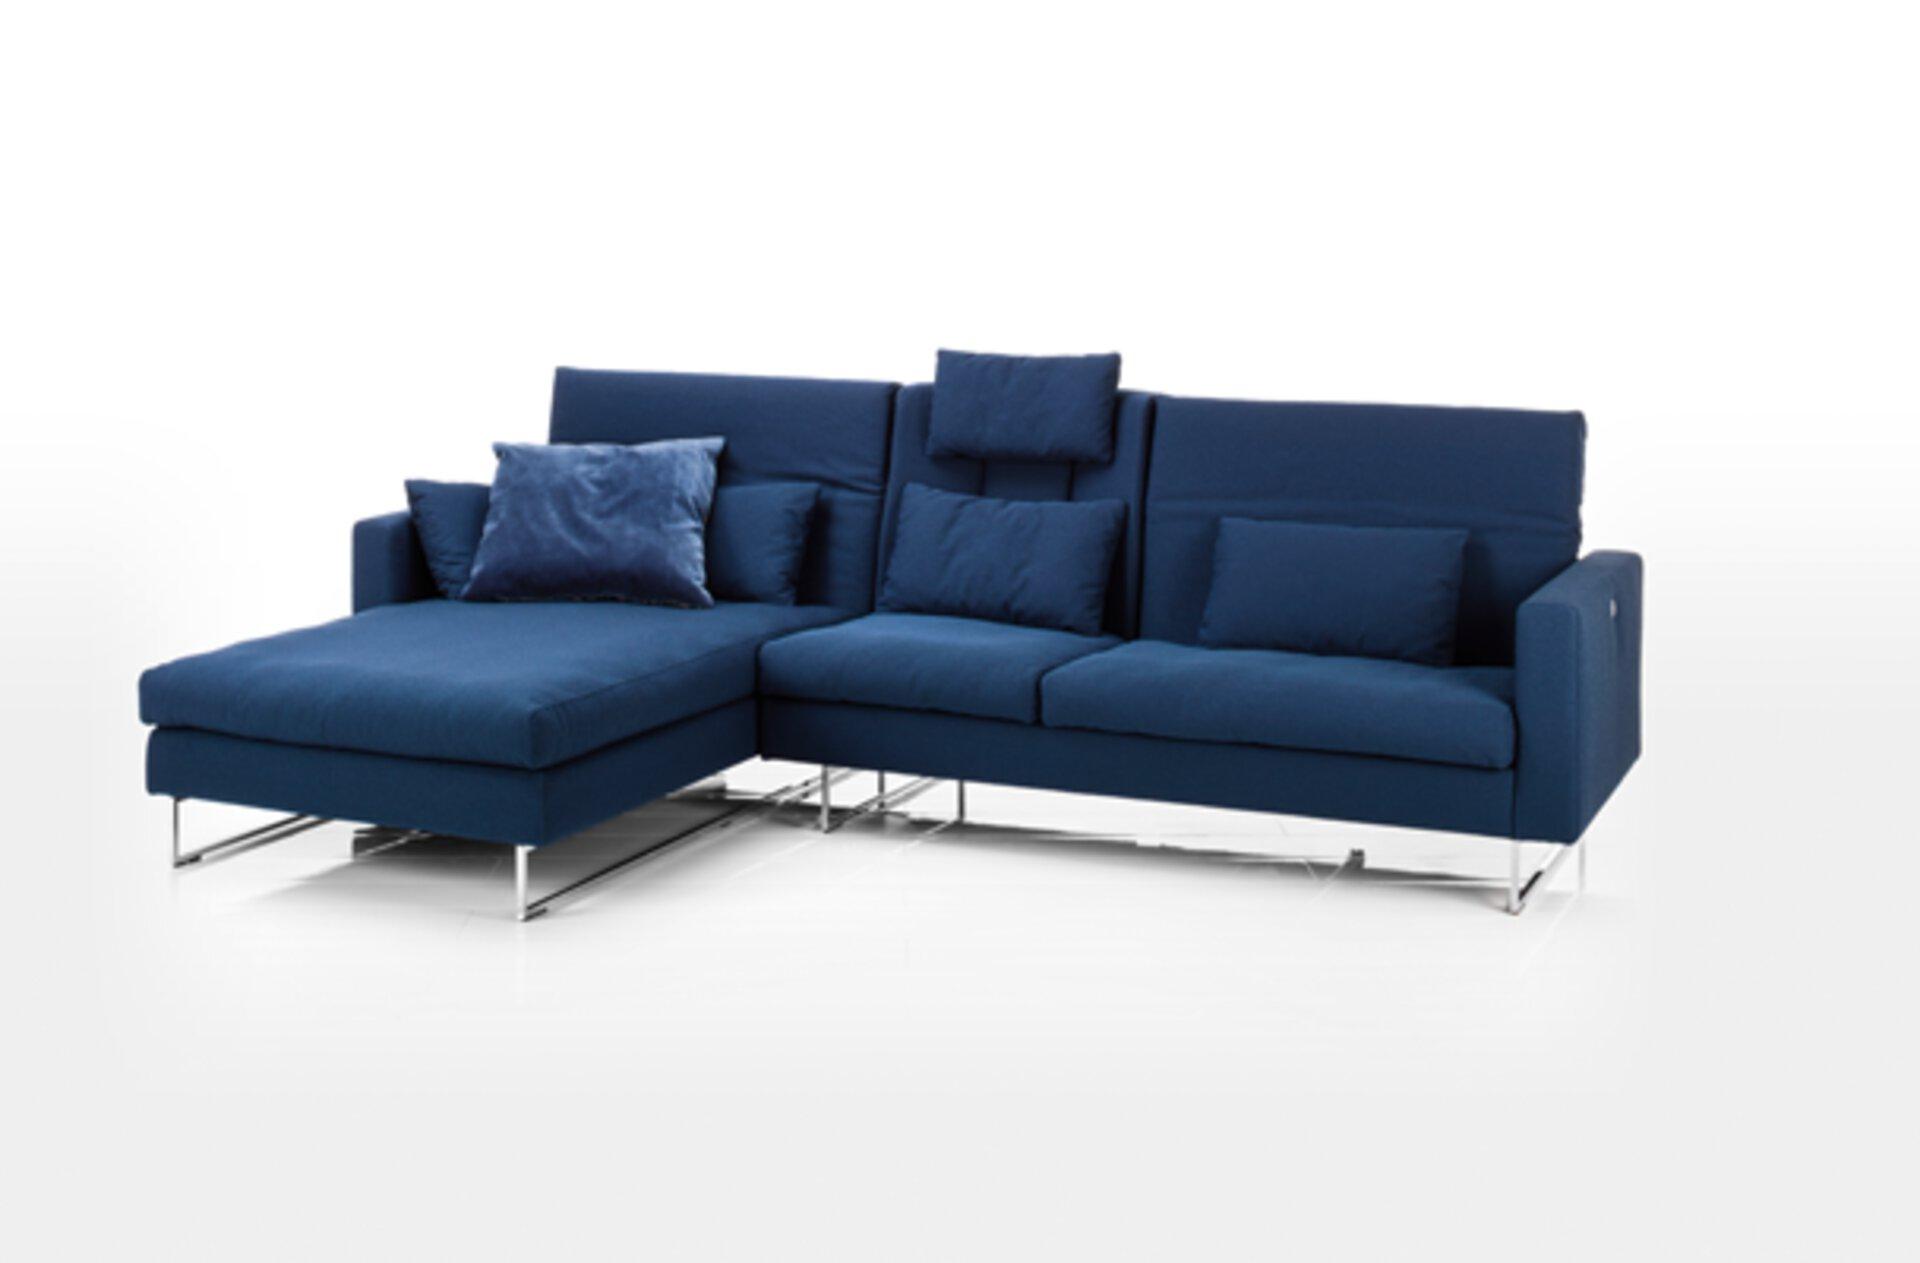 brühl premiummarke polstermöbel sofa couches